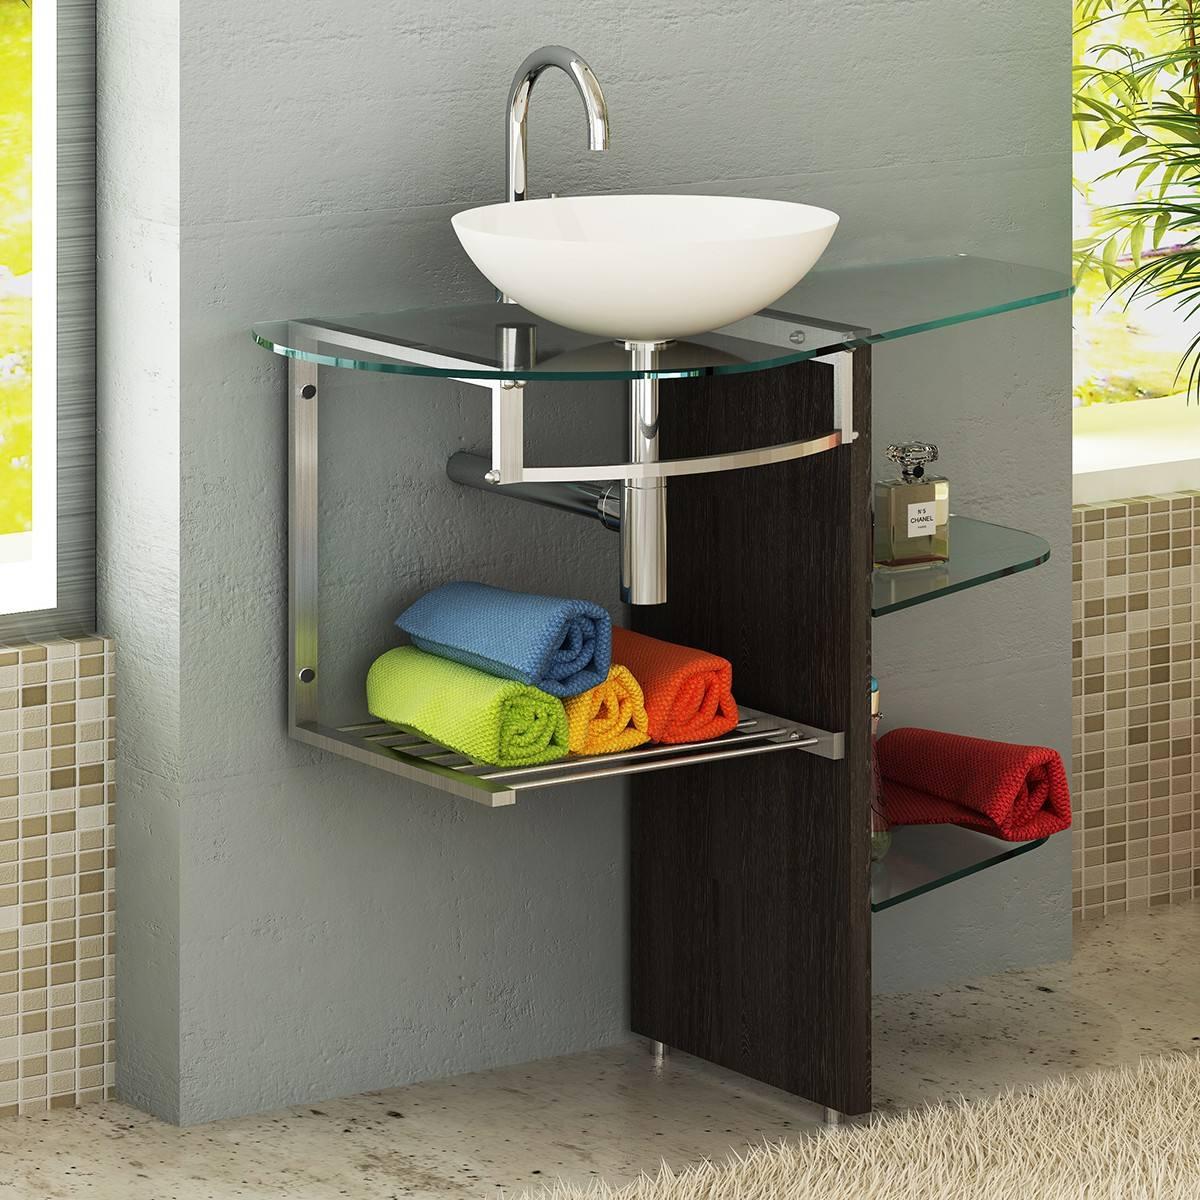 Gabinete Banheiro Alto Padrao Lavabo R$ 1.099 00 em Mercado Livre #A4A823 1200 1200